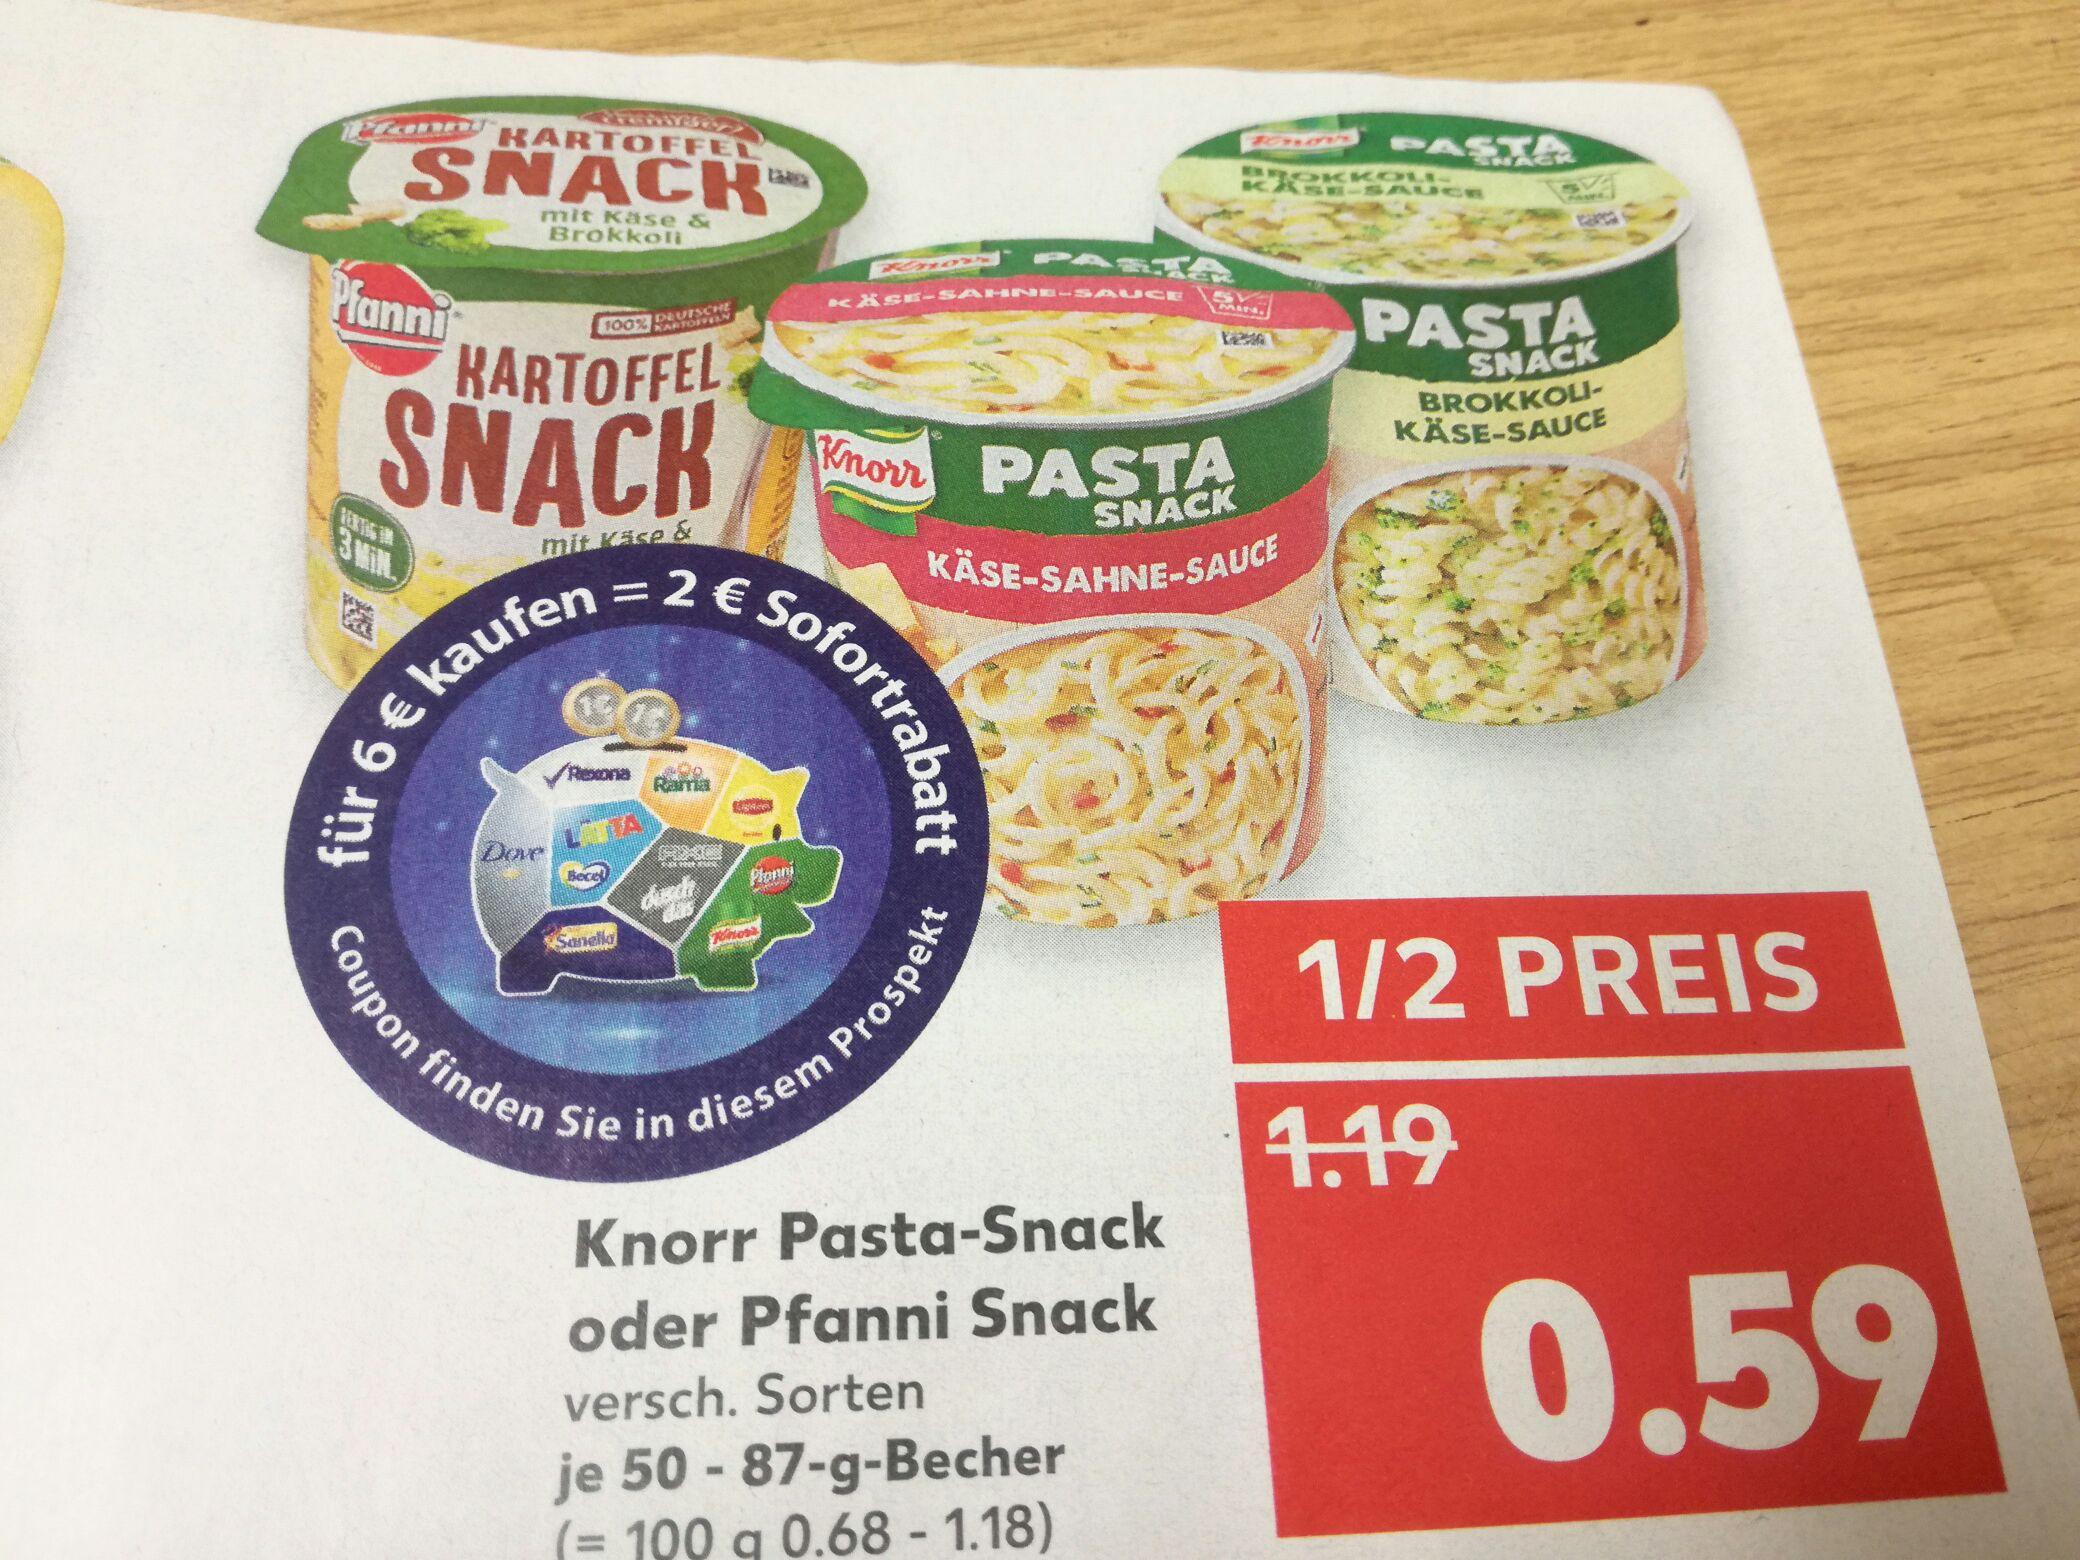 Knorr oder Pfanni Terrine für knapp 41 Cent